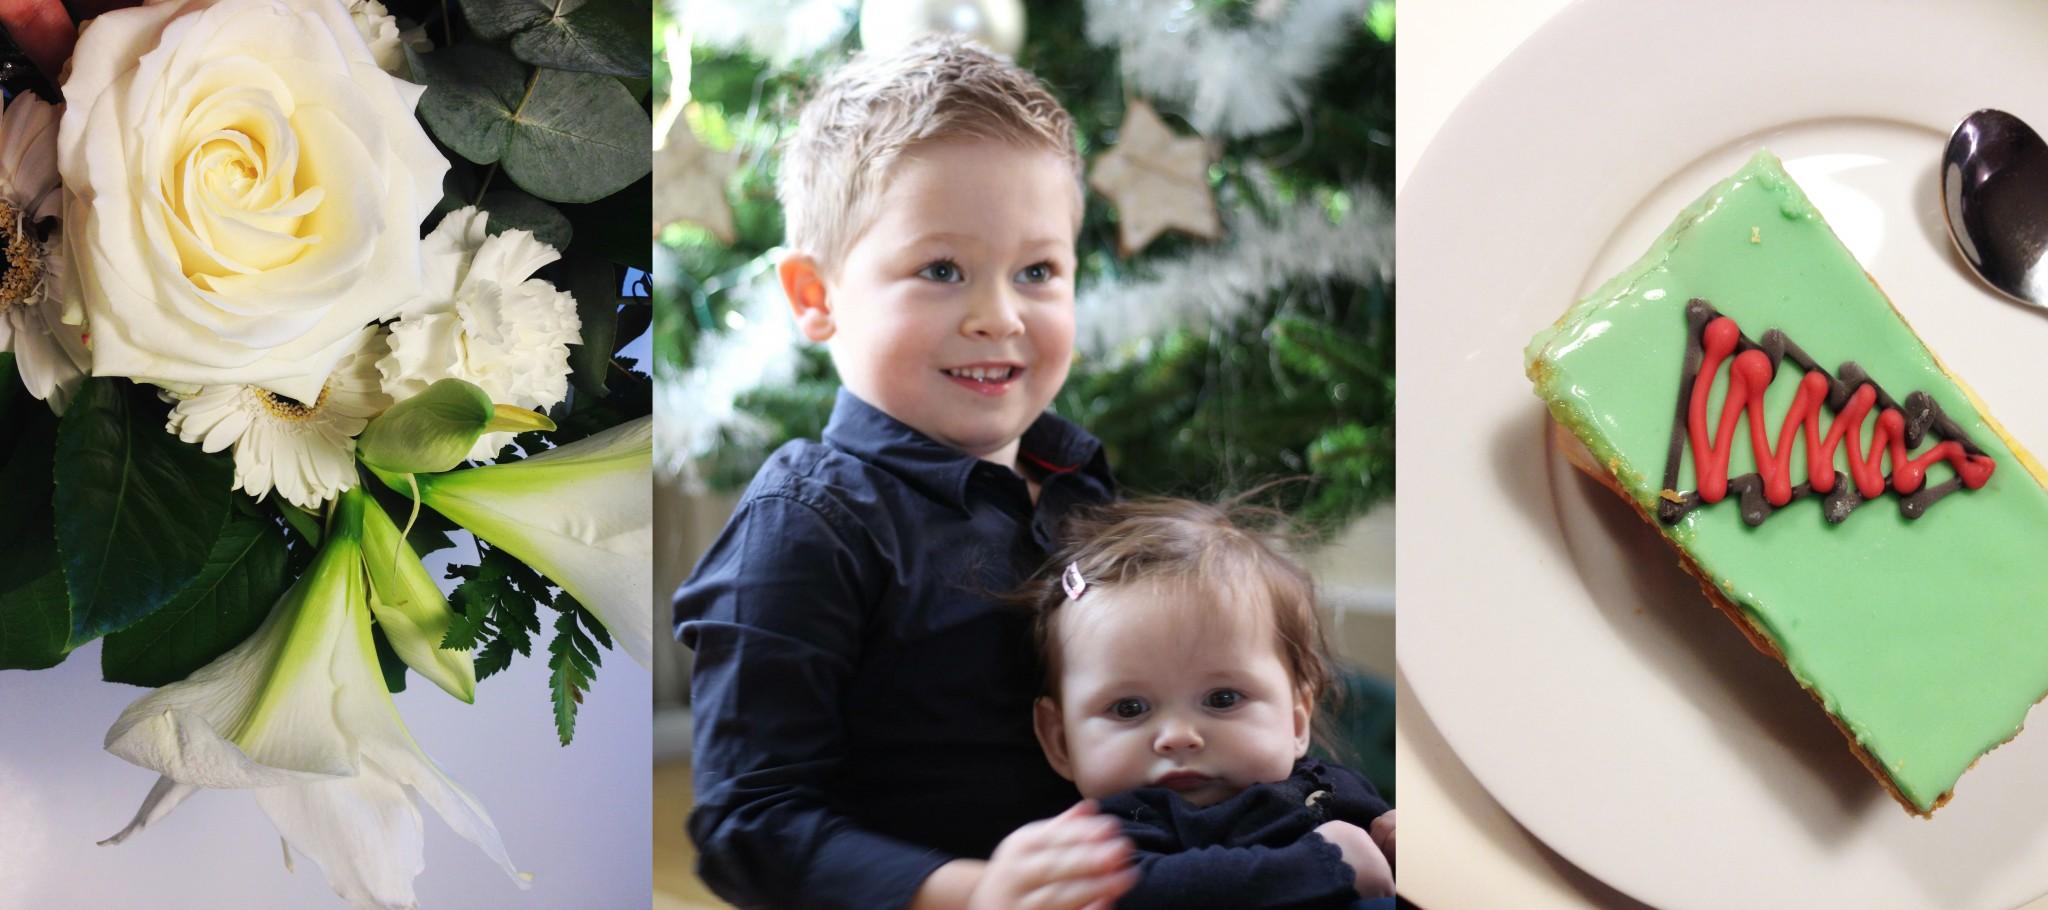 Persoonlijk: Welcome To My life! Krullen, Pesto & Kerst